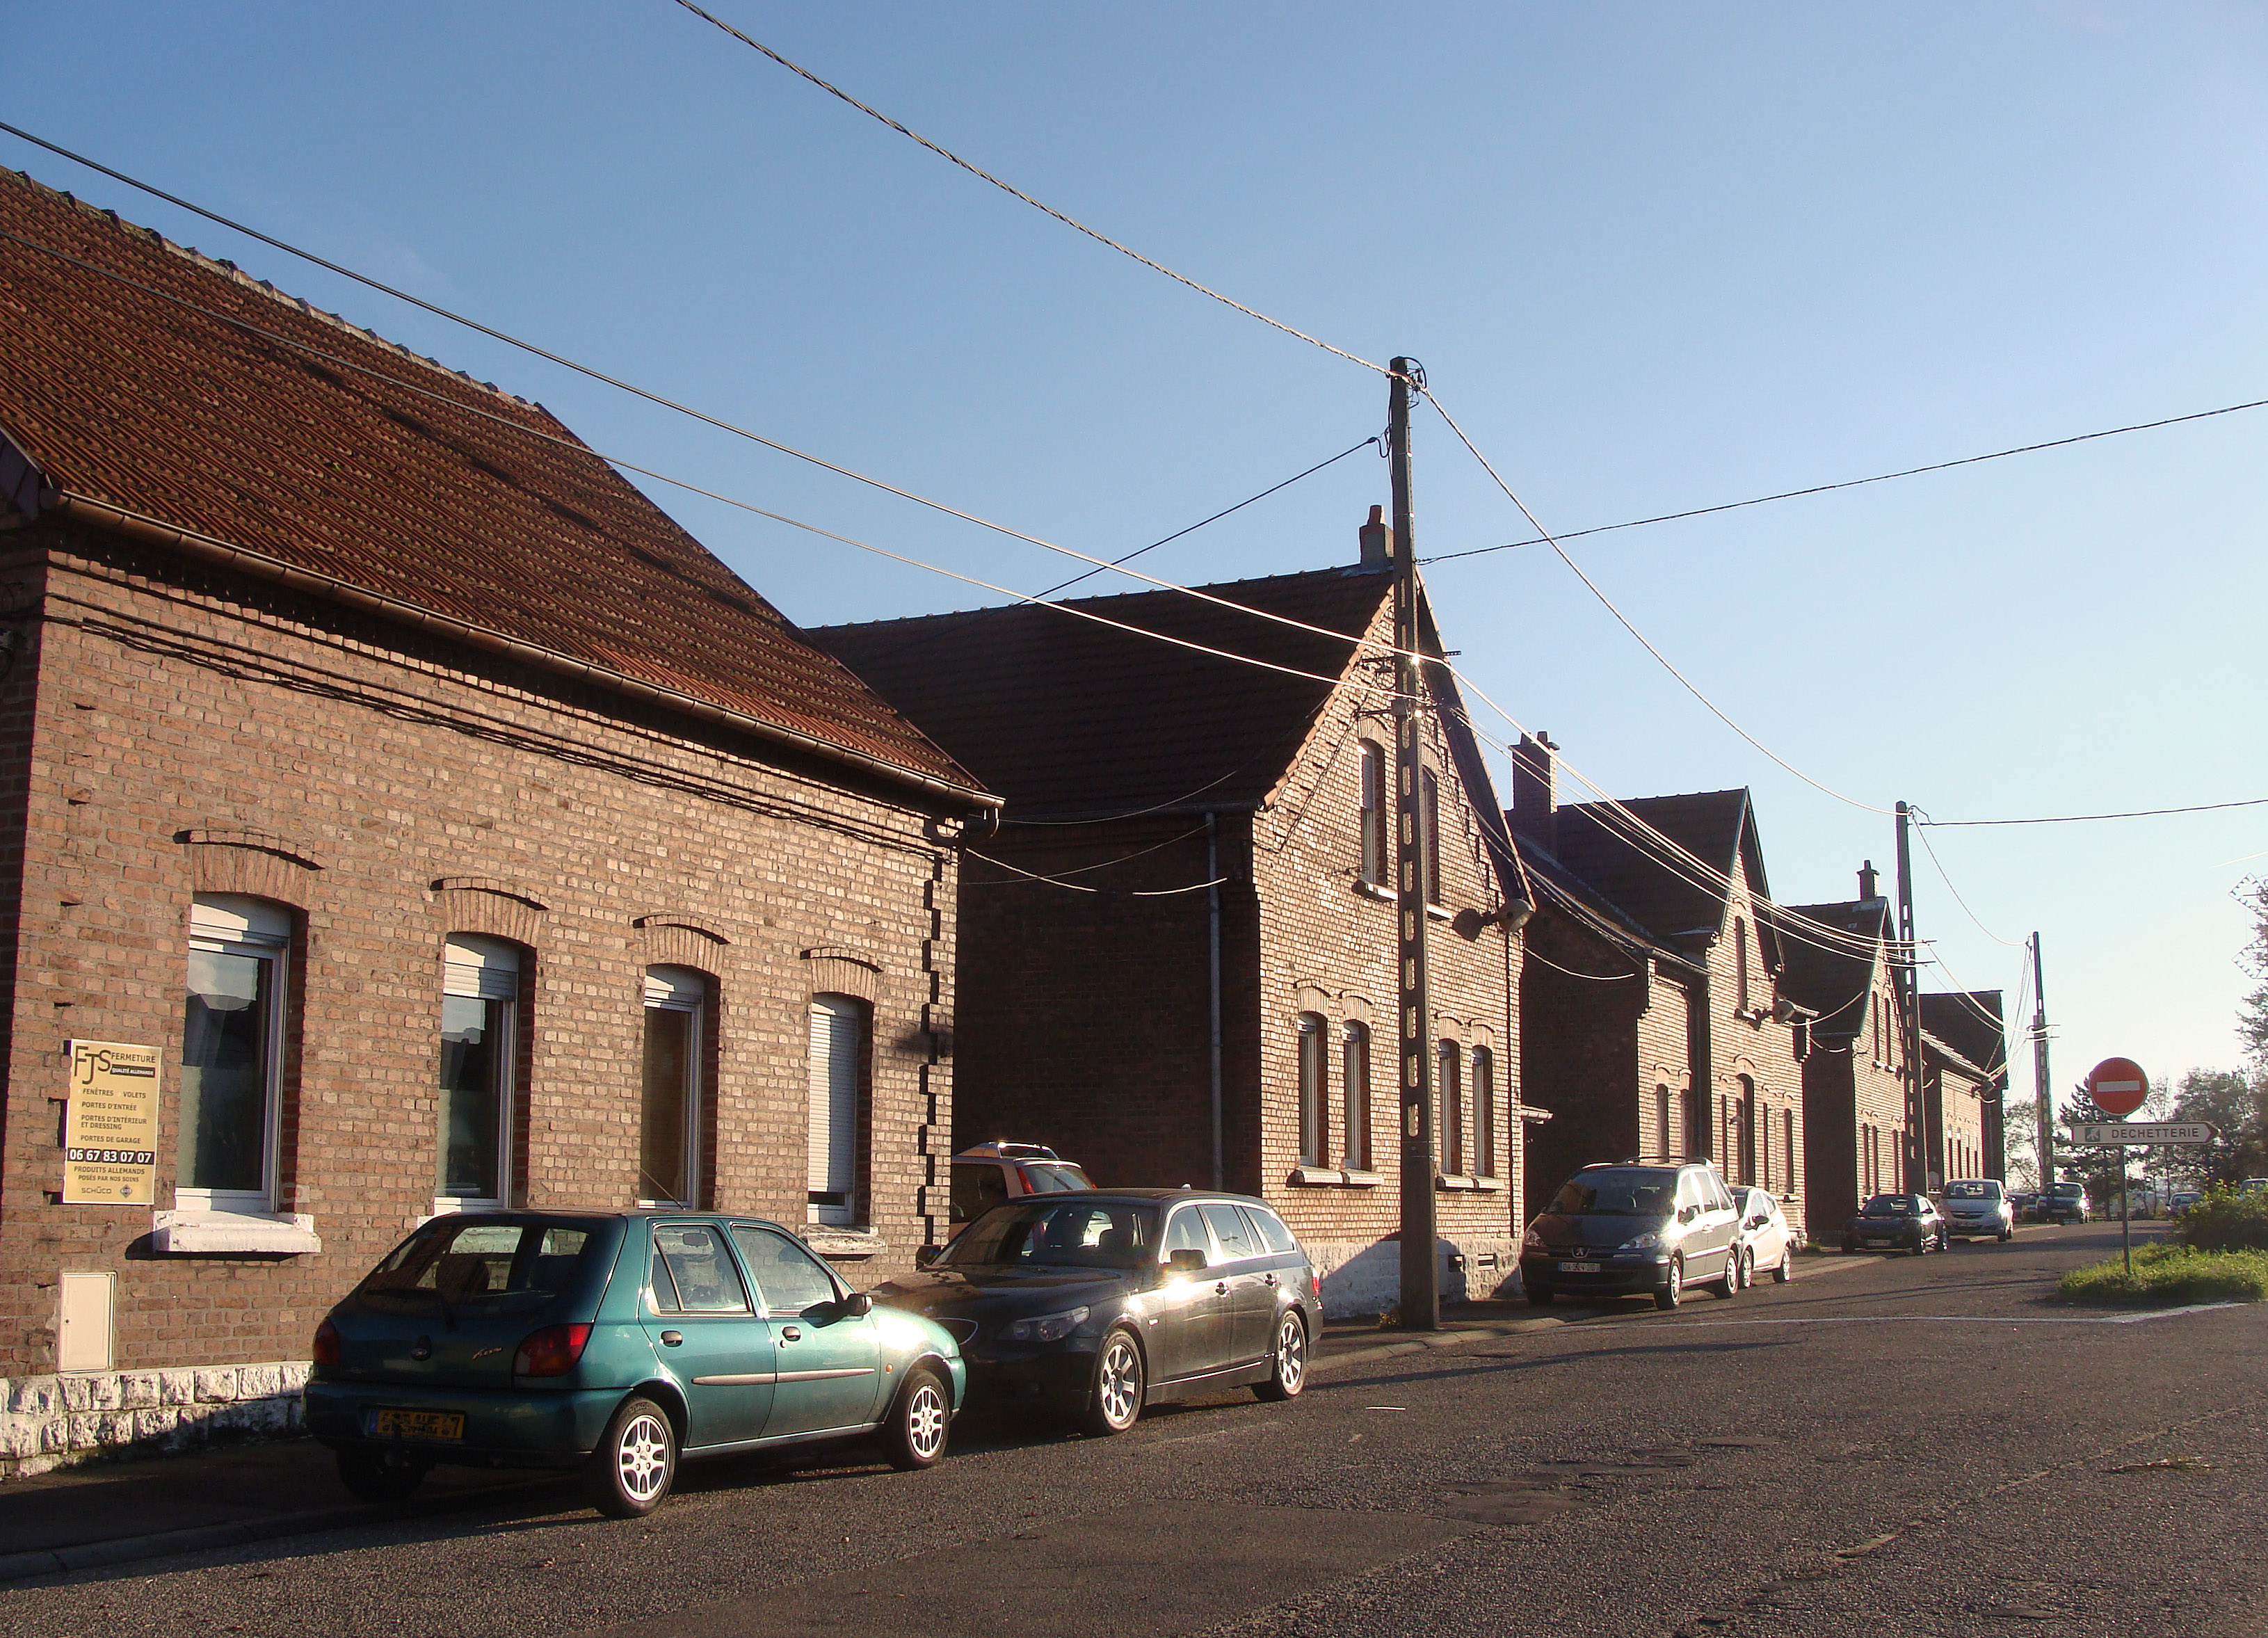 Architecte D Interieur Moselle file:cité du puits 3, l'hôpital (moselle) - wikimedia